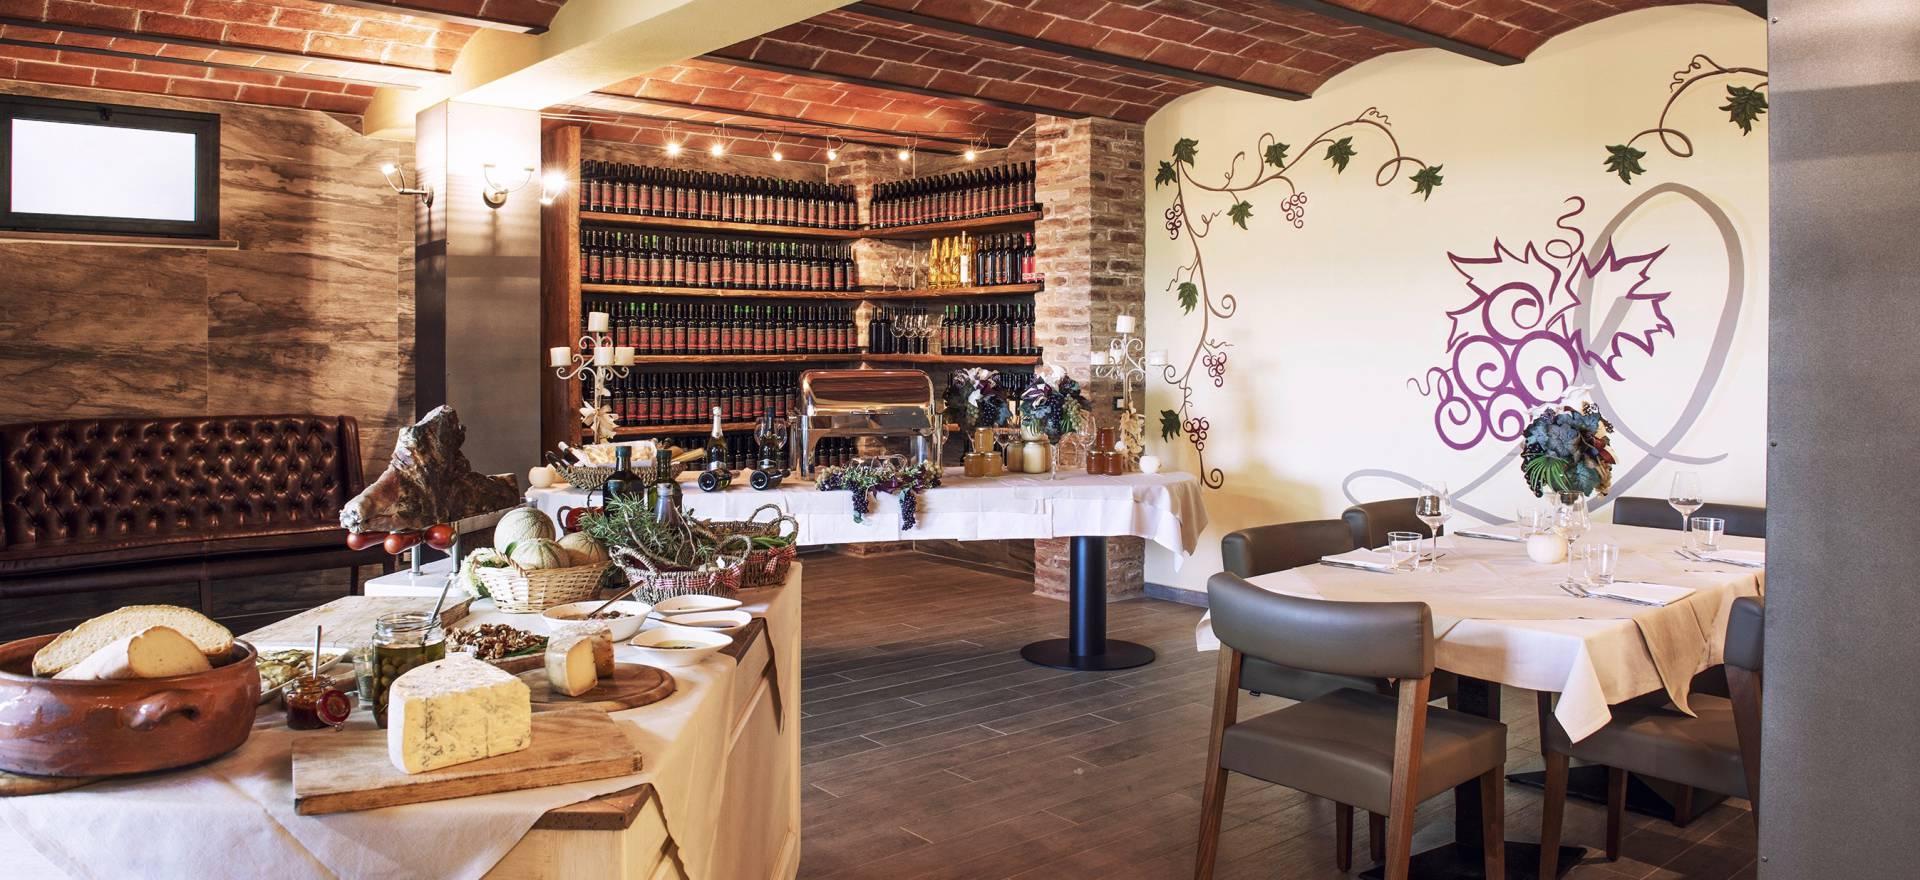 Agriturismo Toscane, zeer gezellig en super gastvrij!